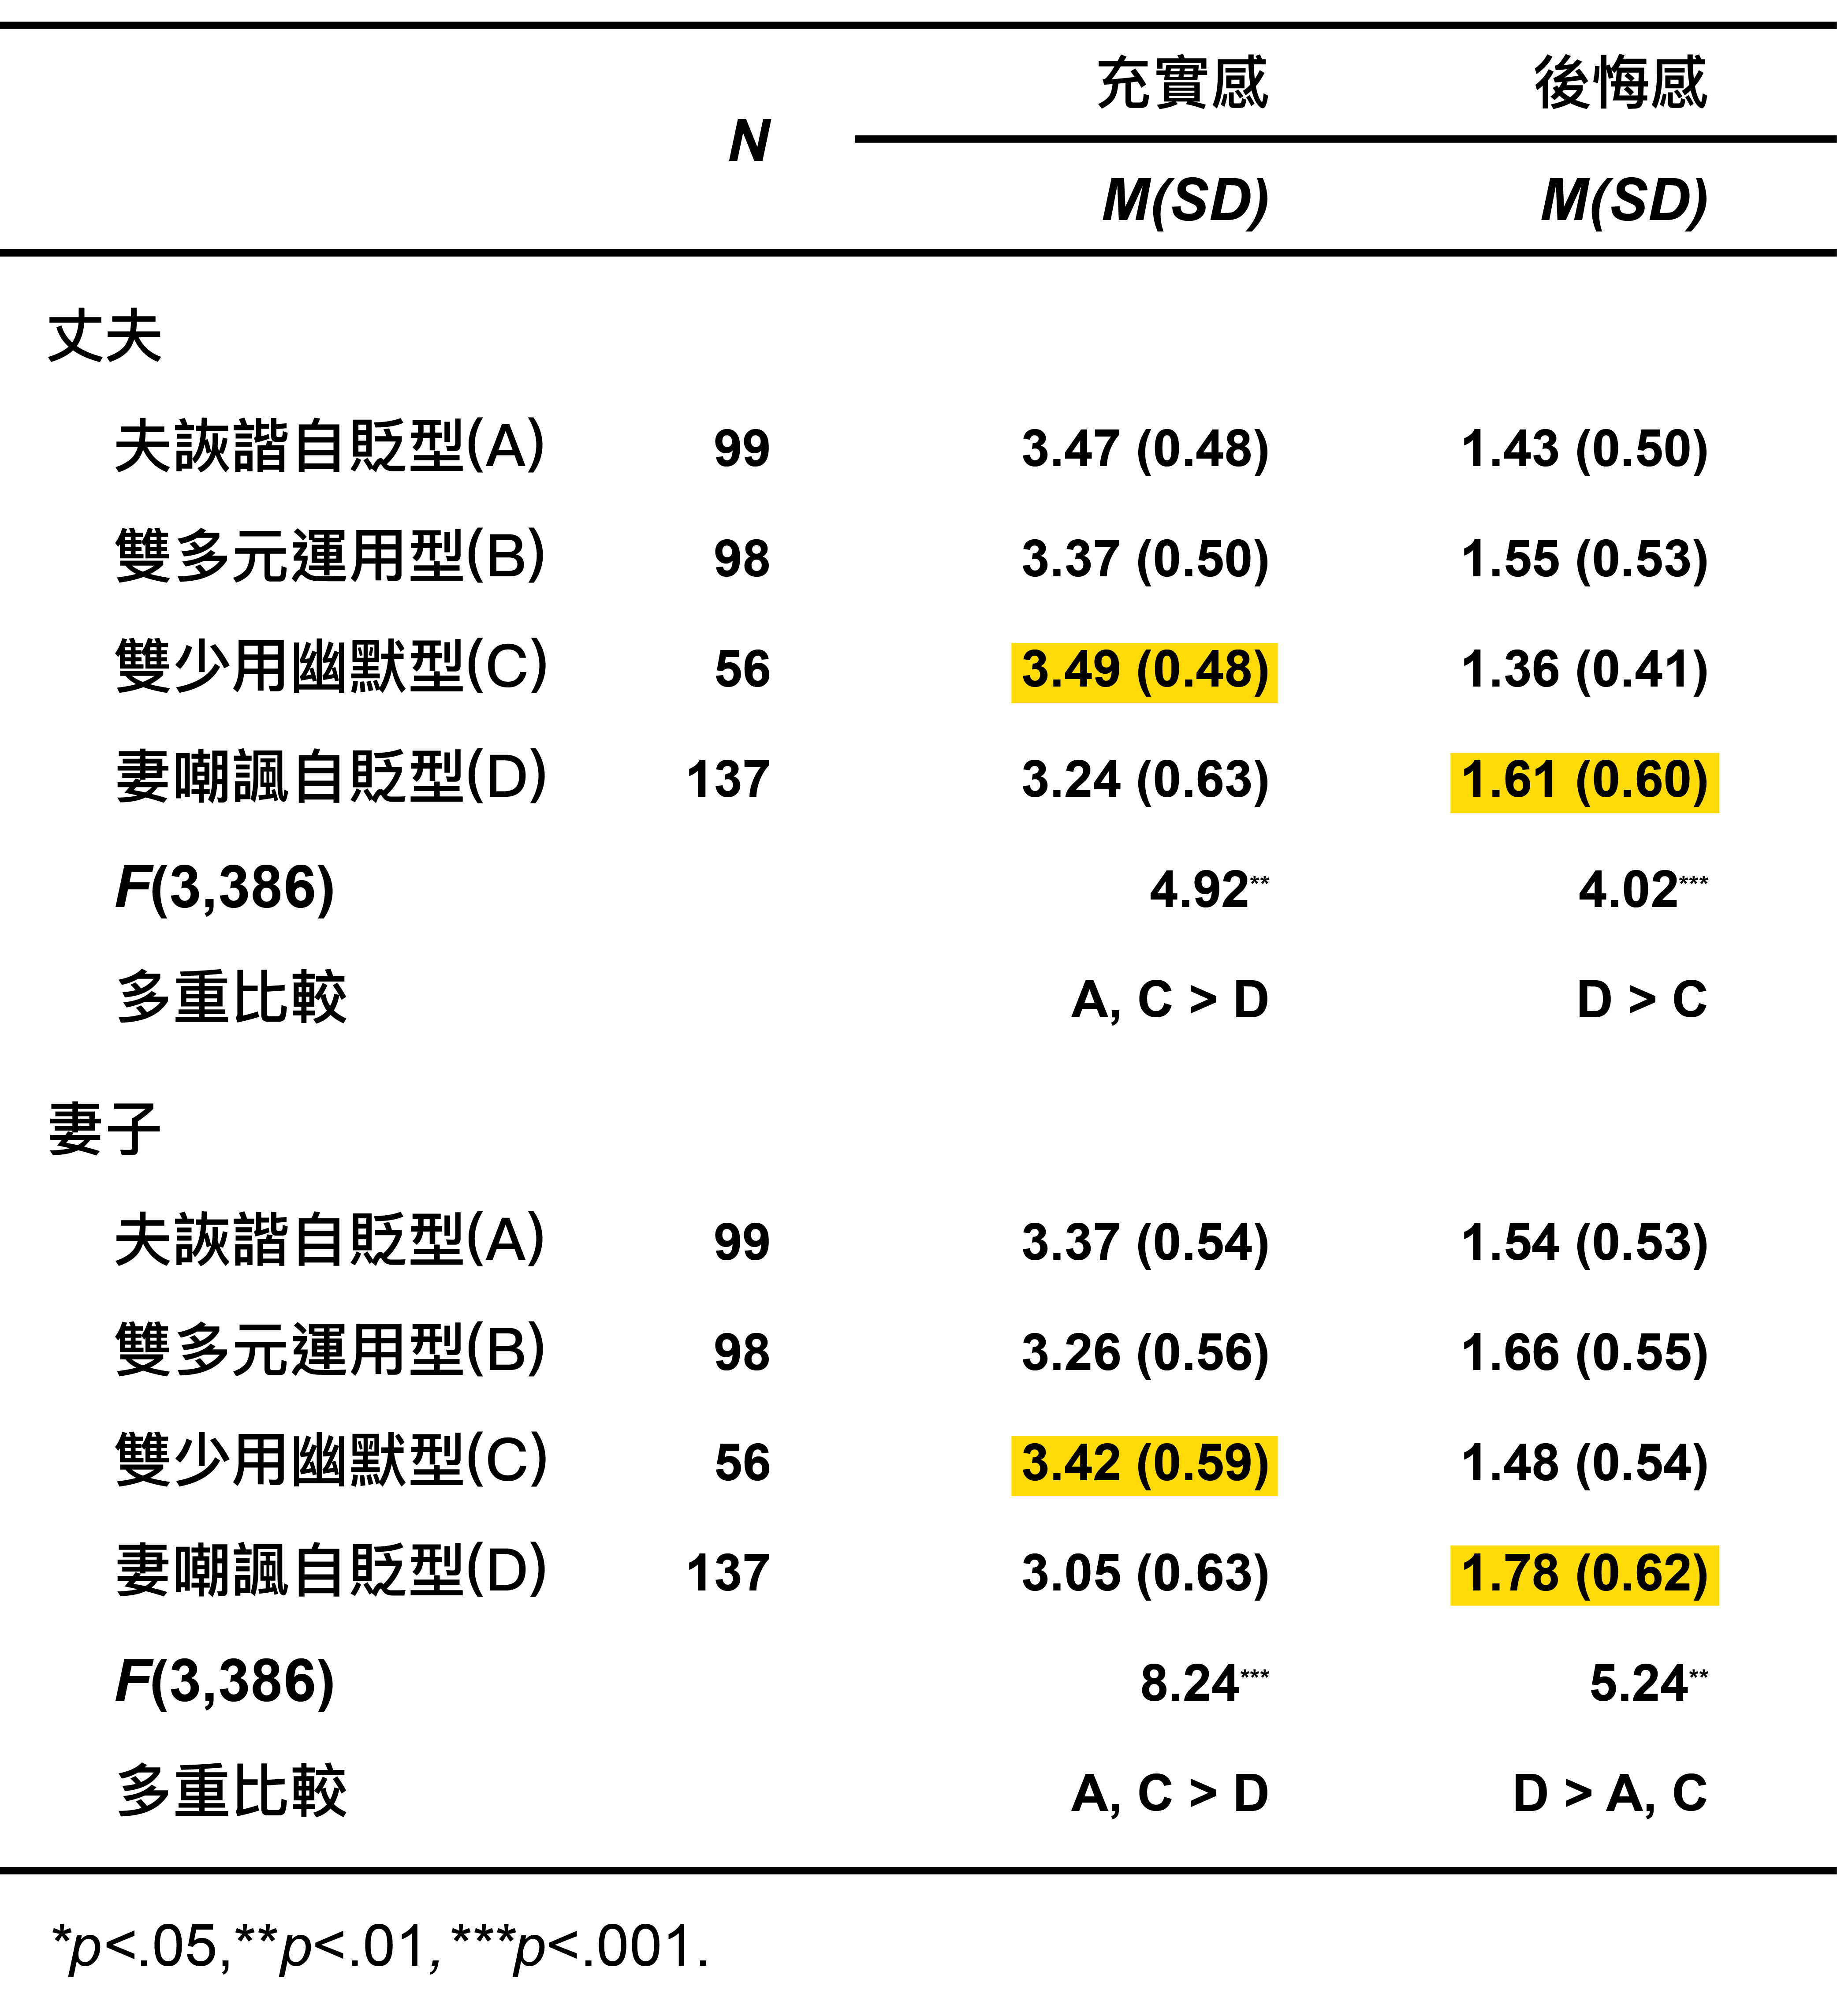 夫妻四種幽默運用類型,問卷調查結果的變項平均值。圖│研之有物(資料來源│周玉慧 (2018)。〈夫妻間幽默運用及其影響〉。《中華心理學刊》,60,33-55。)